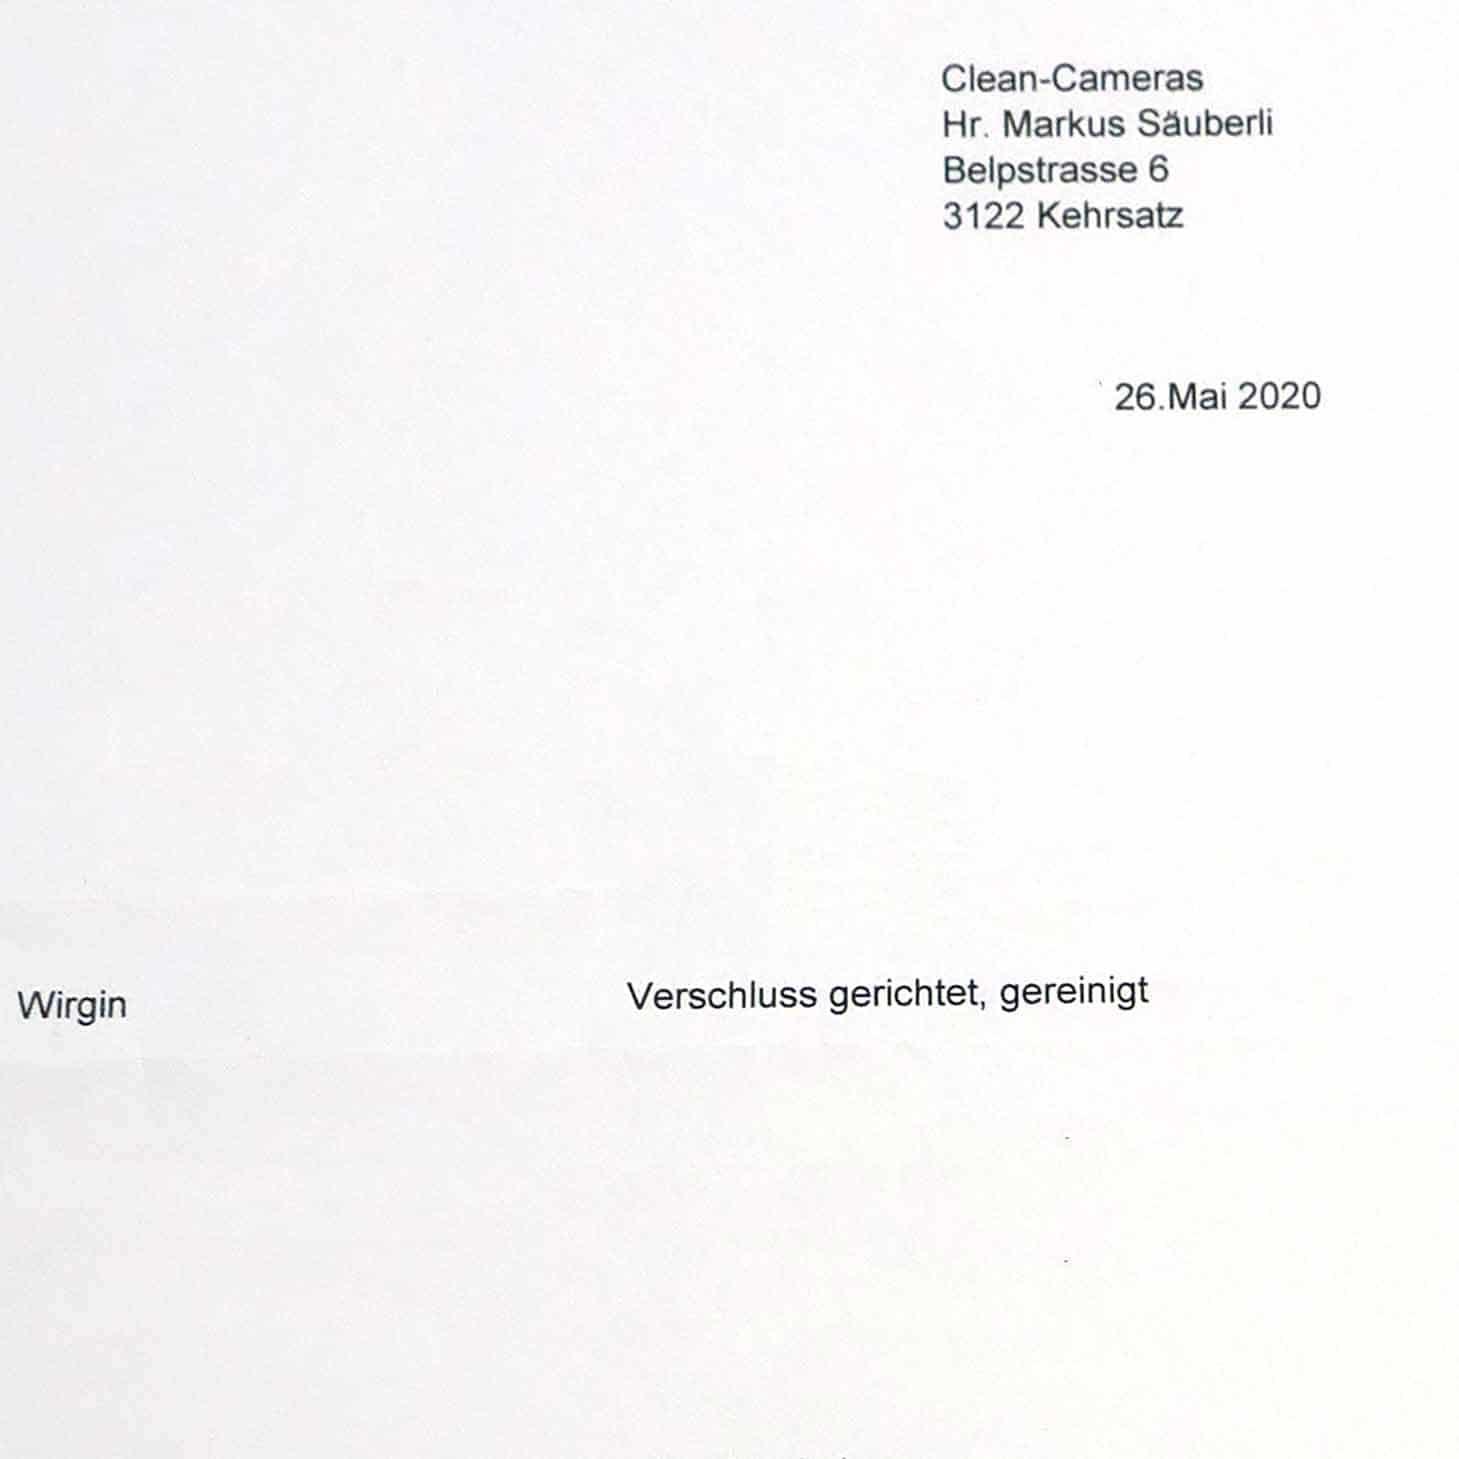 clean-cameras-wirgin--01